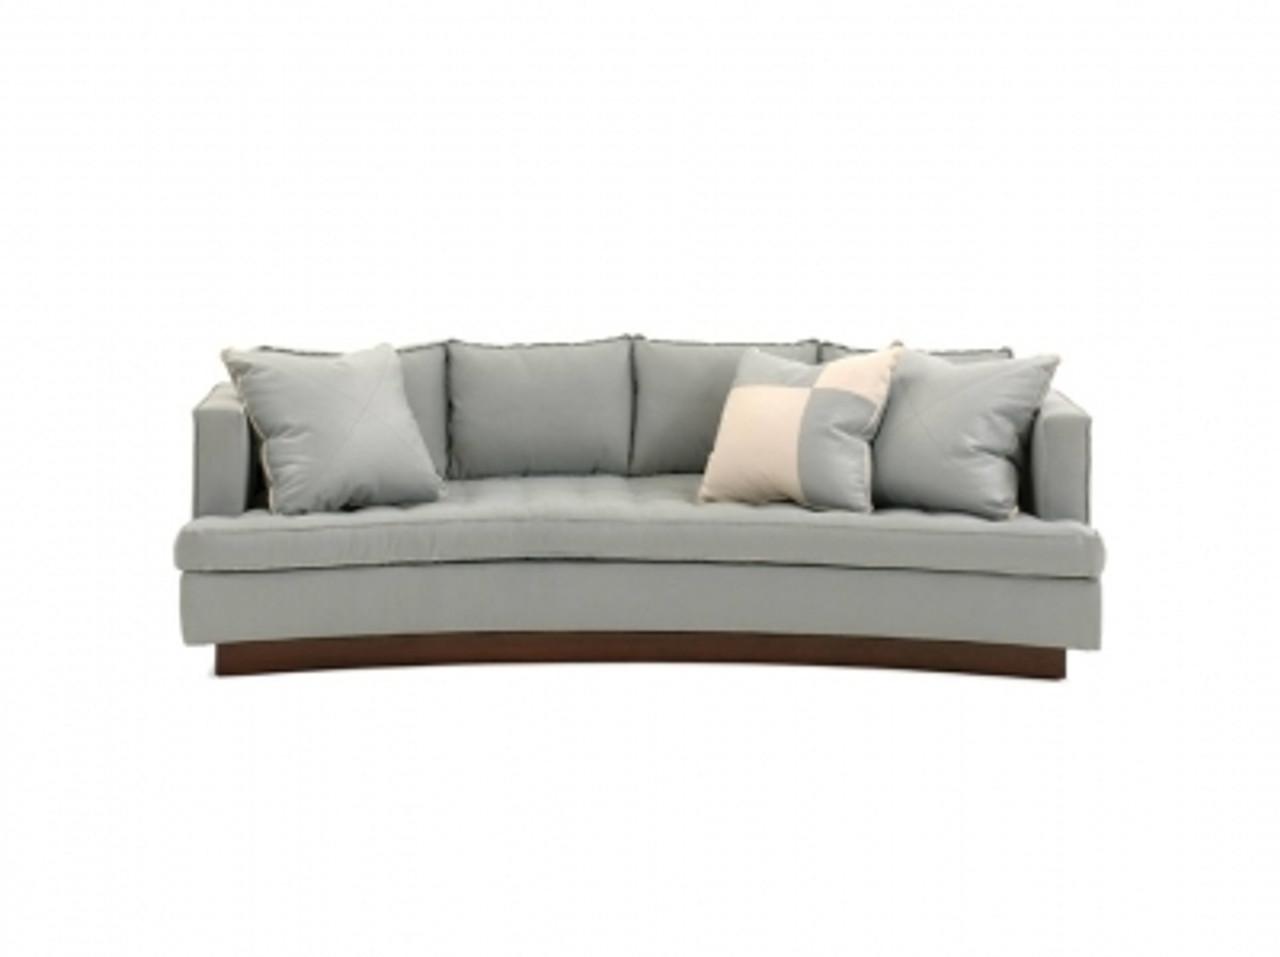 Sofas & Sectional Sofas